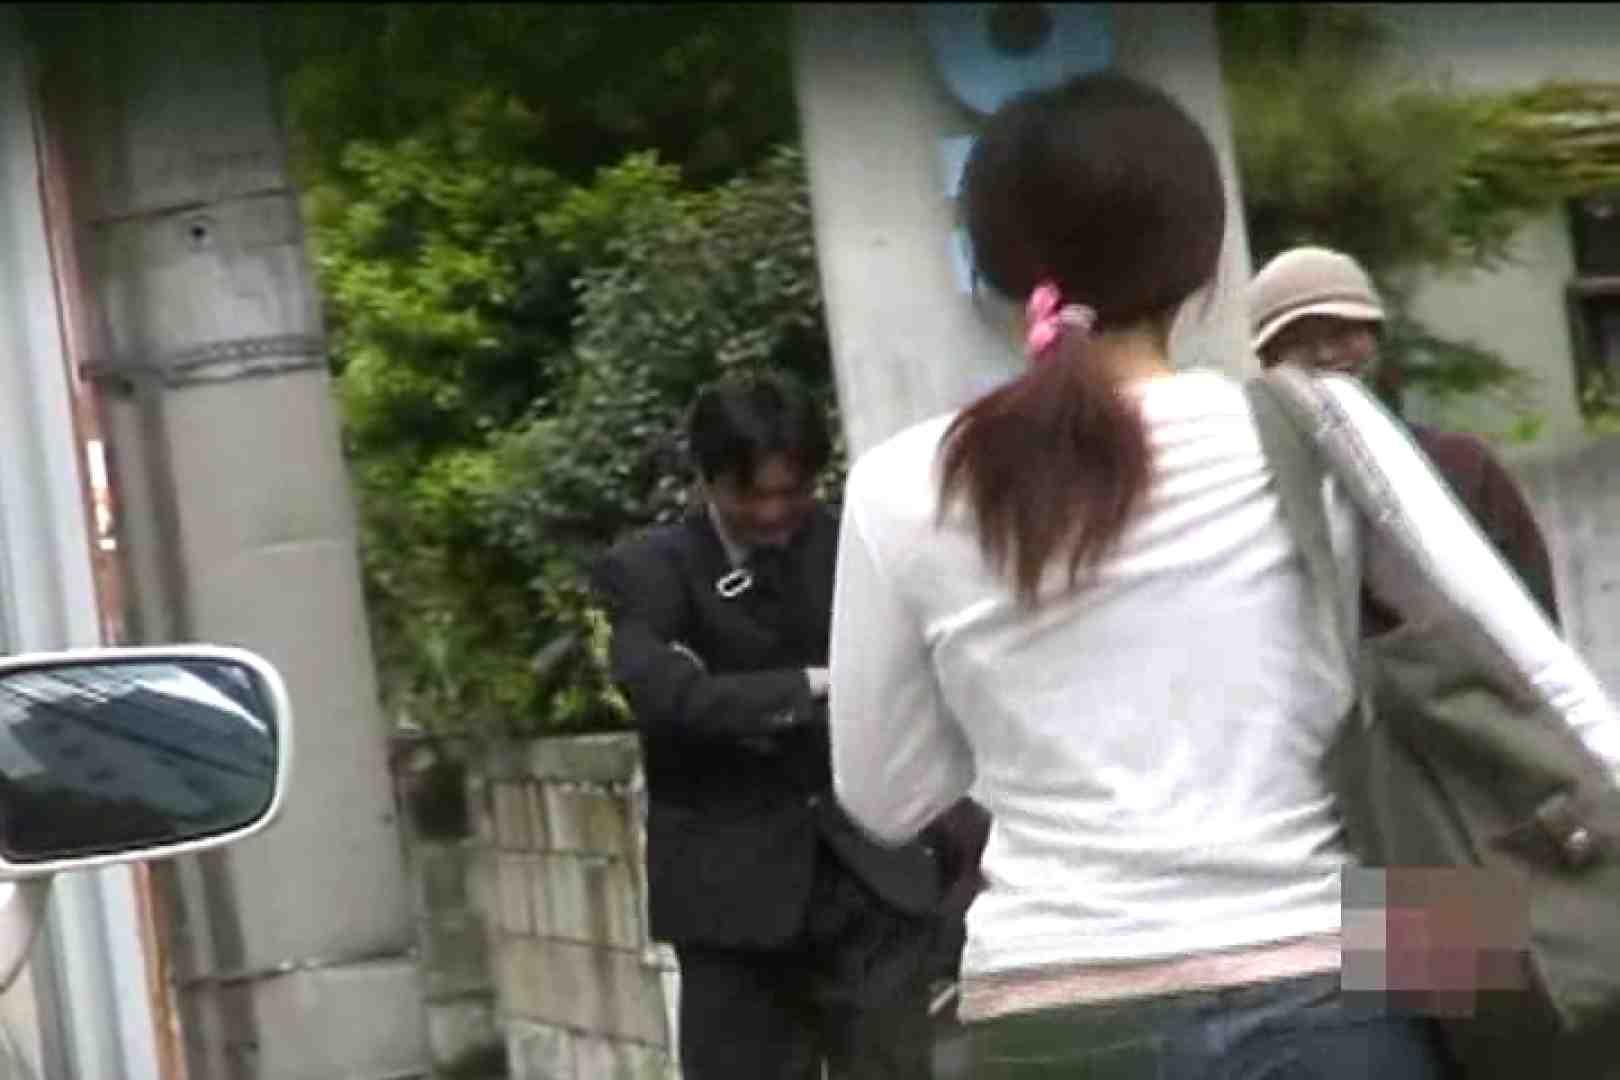 大胆露出胸チラギャル大量発生中!!Vol.3 車 オマンコ無修正動画無料 88pic 14